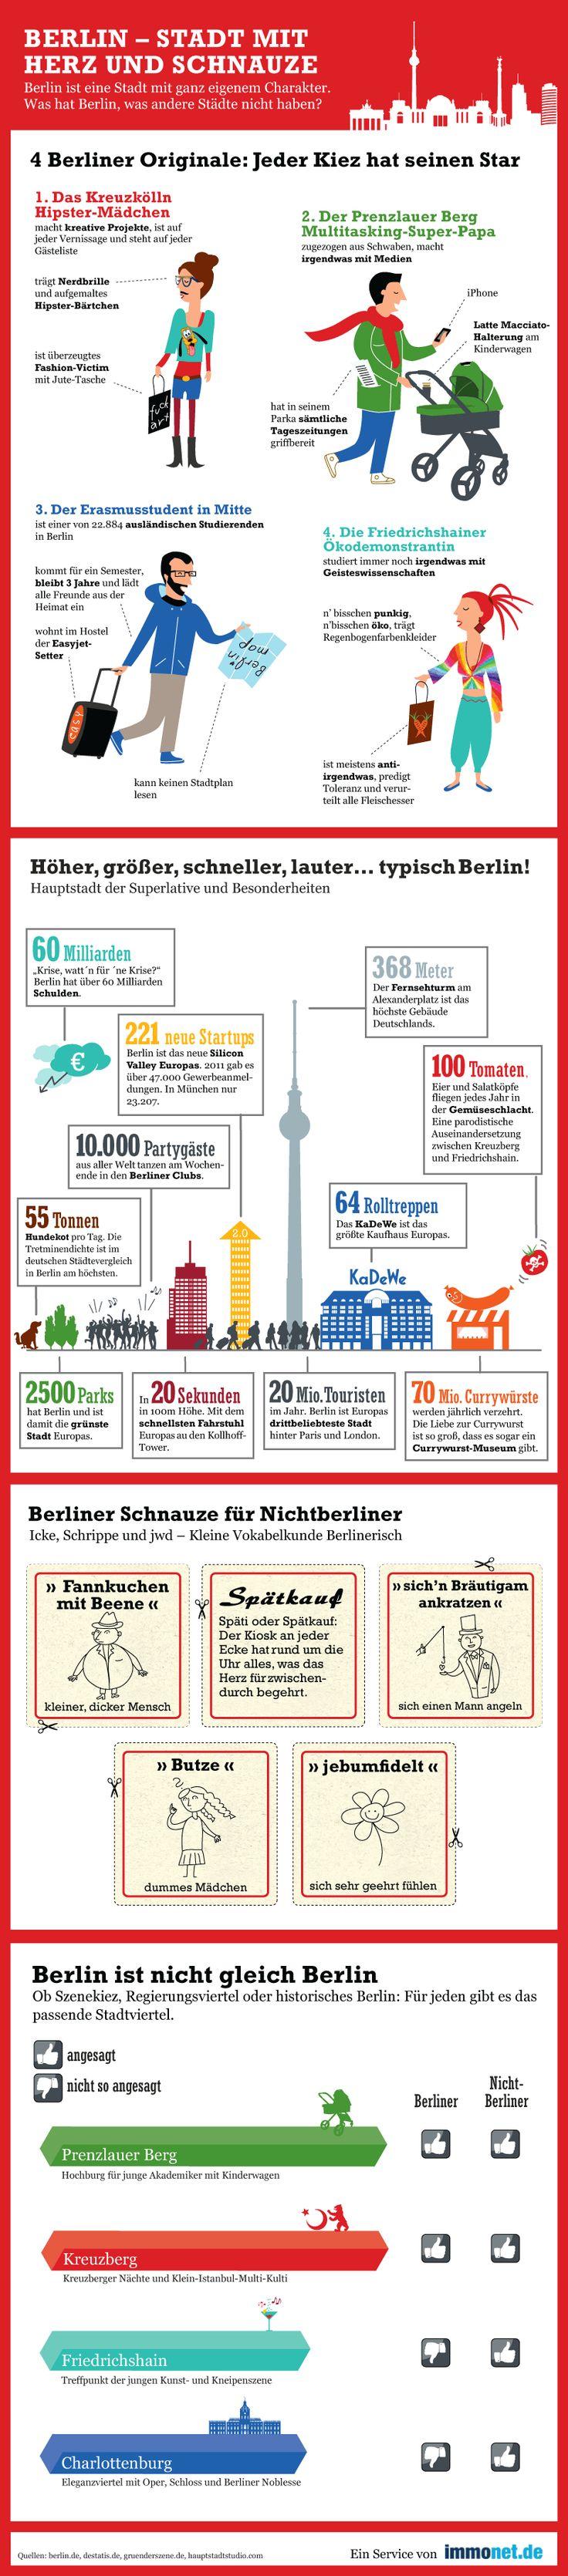 Berliner Infografik zu der Stadt mit Herz und Schnauze. Was hat Berlin denn jetzt, was andere Städte nicht haben?